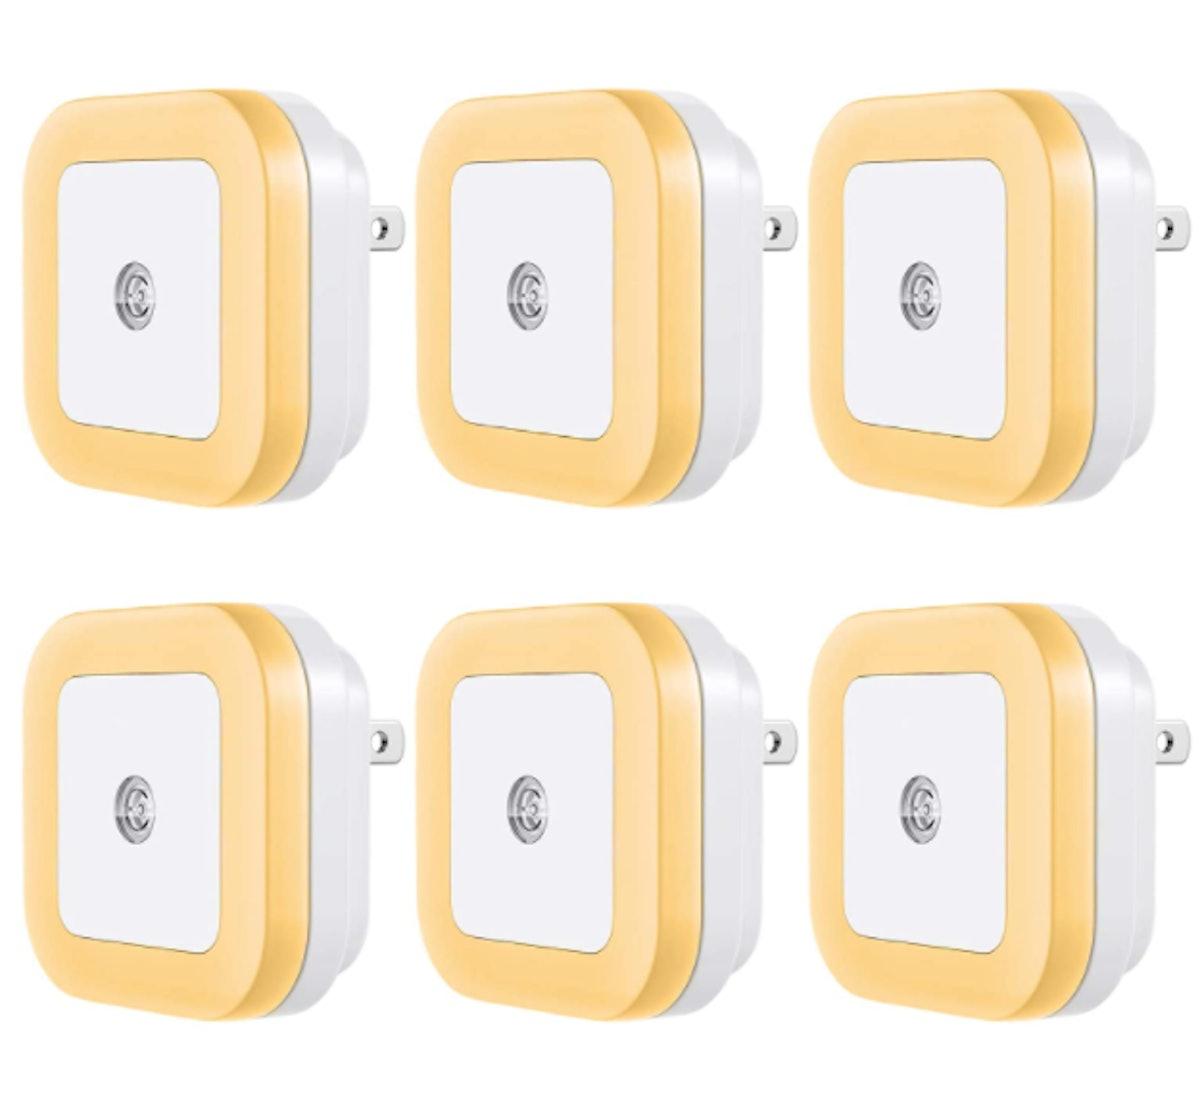 Vont LED Night Lights (6-Pack)